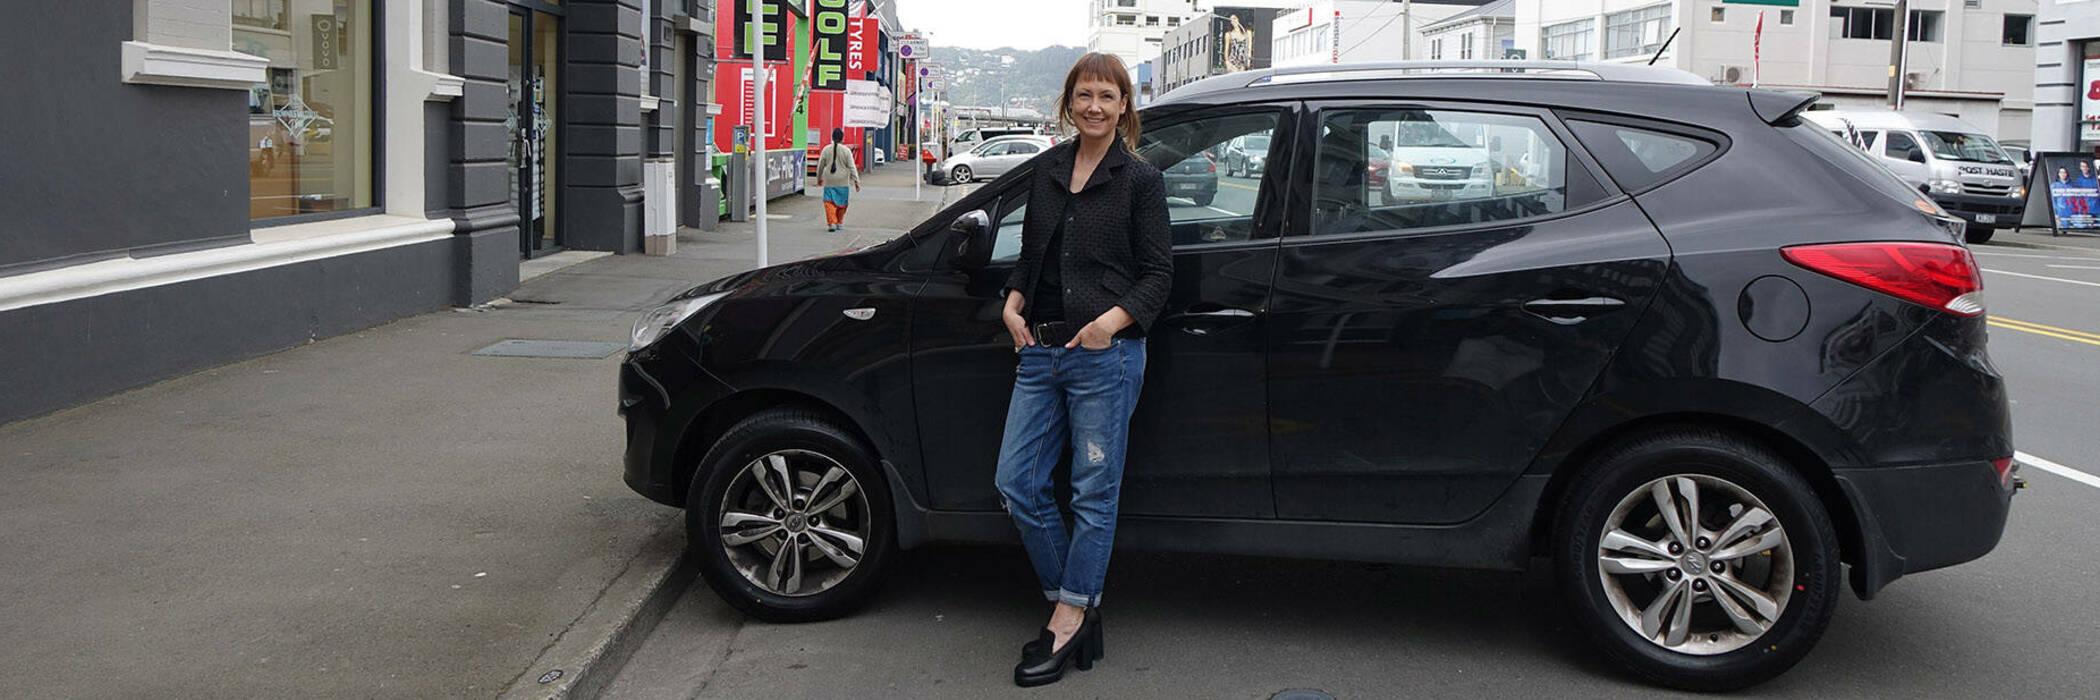 Karen with her car